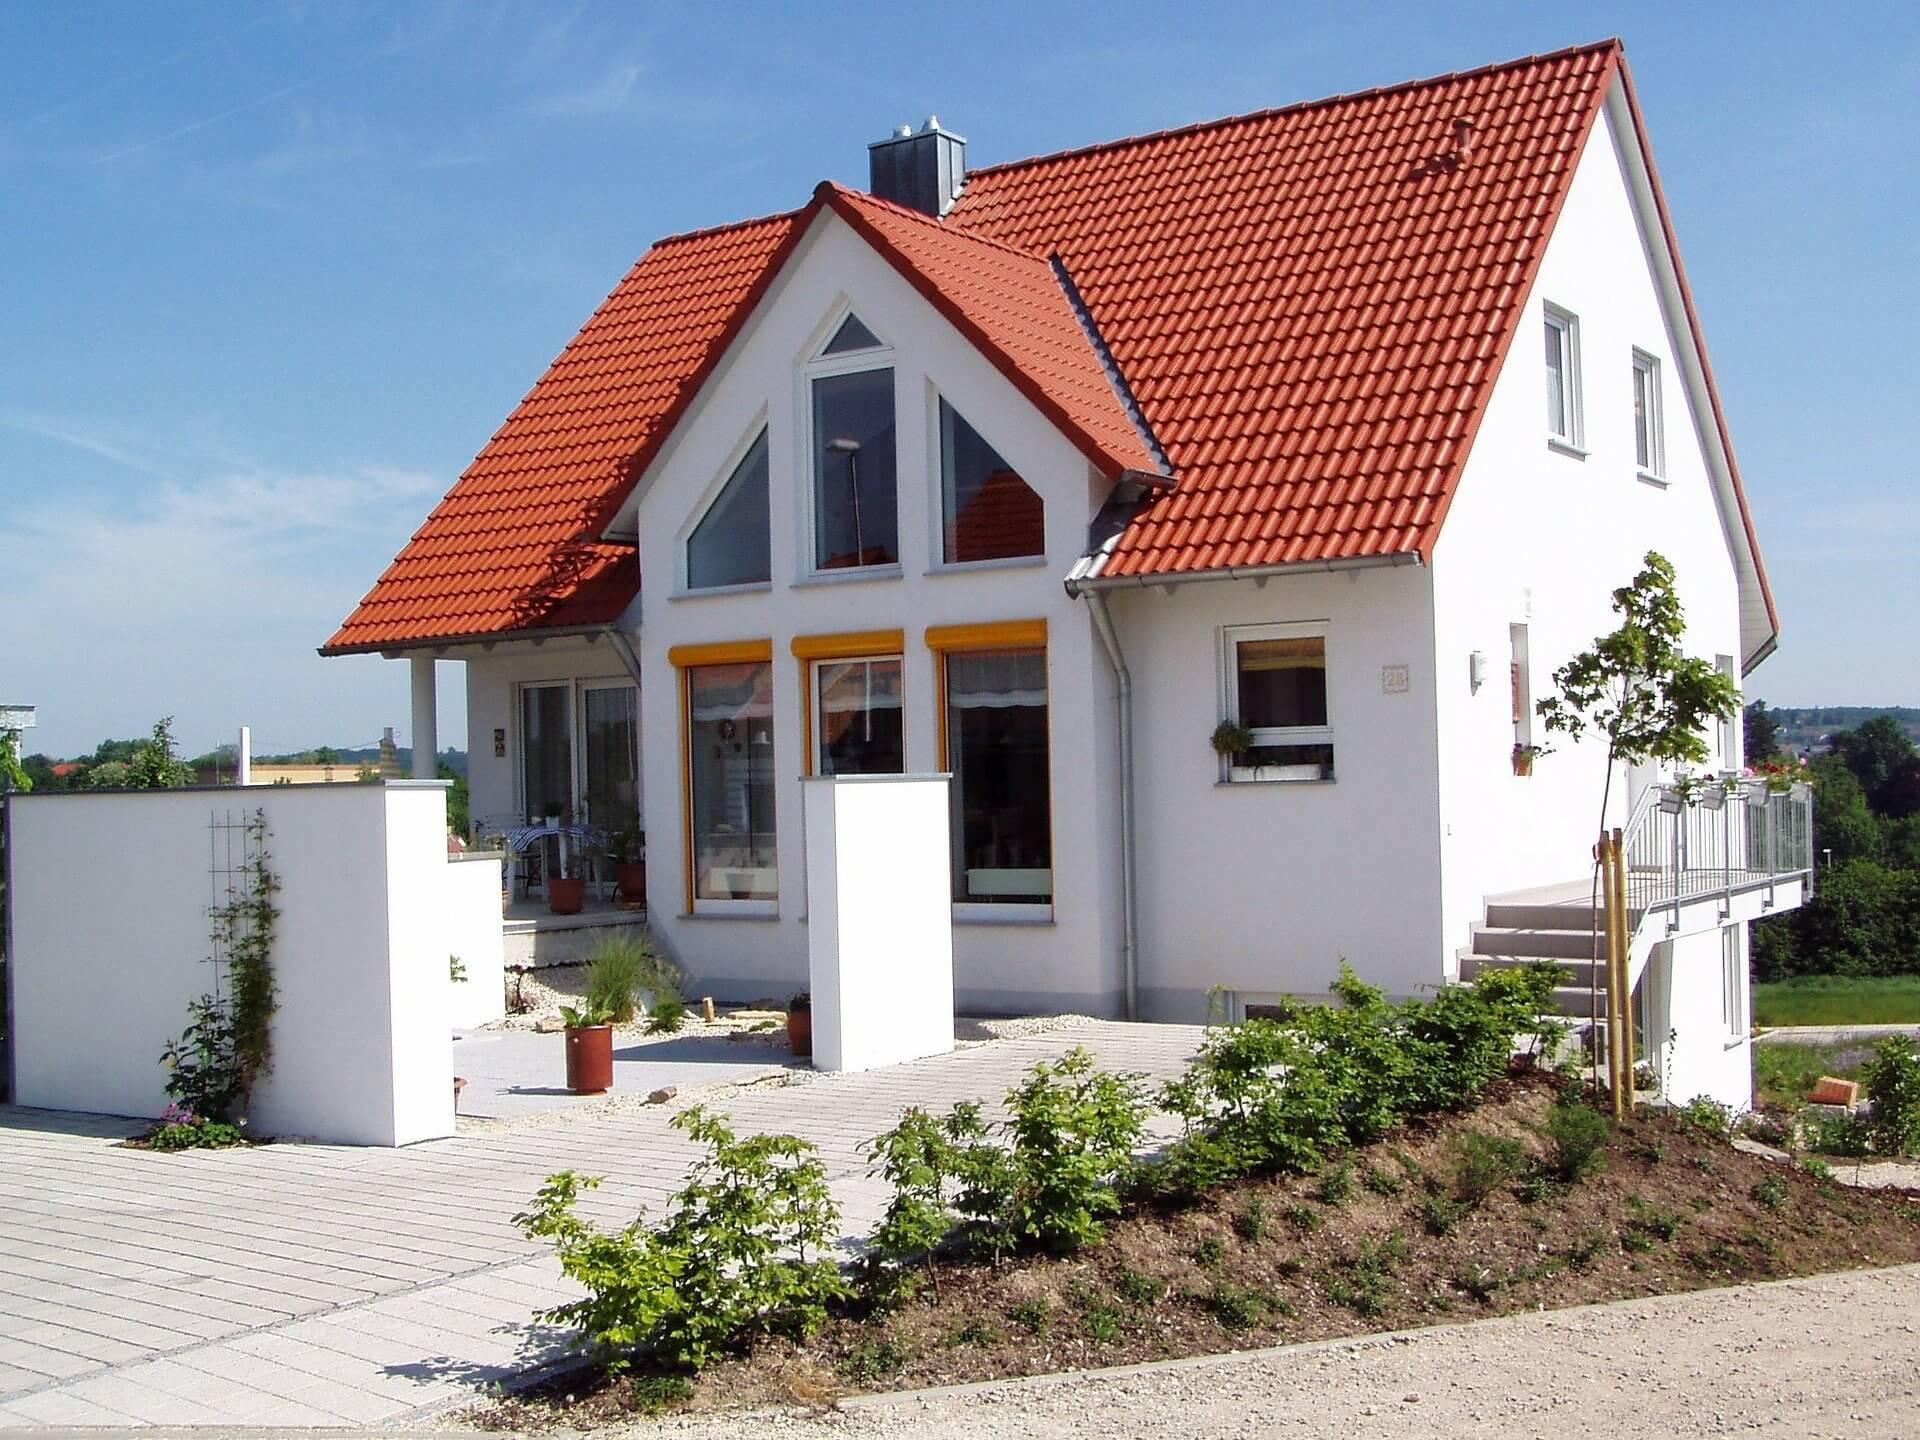 Haus- und Grundhaftpflichtversicherung